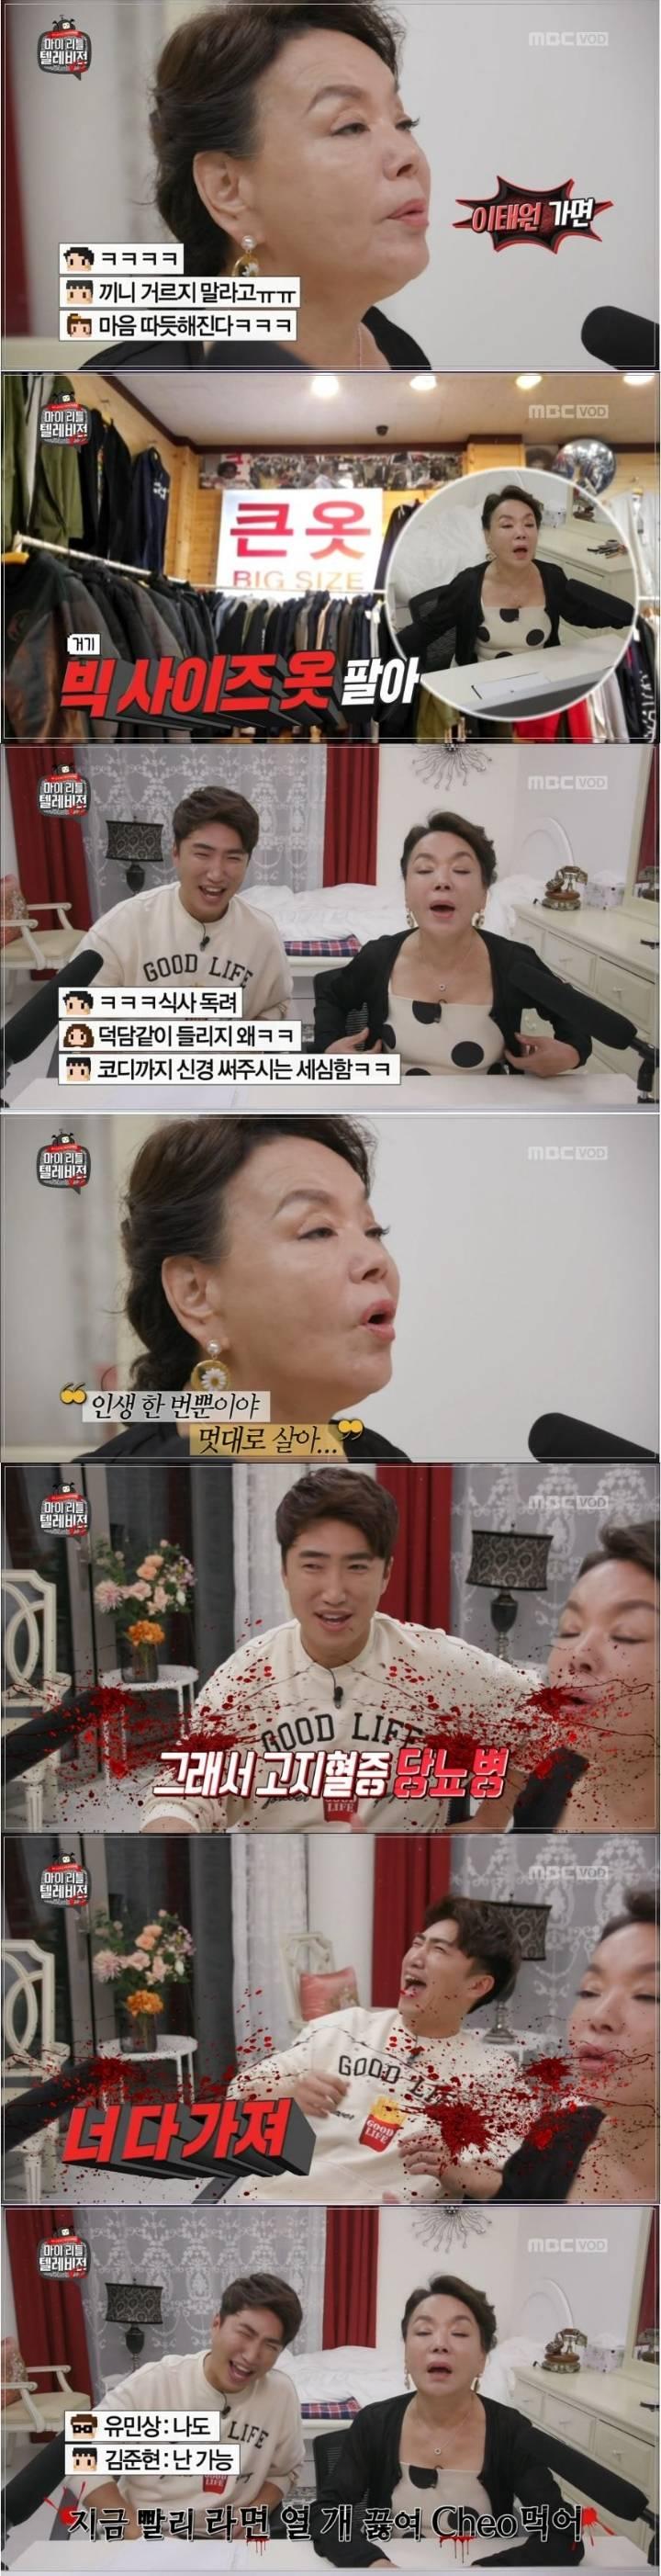 김수미의 저세상 다이어트 충격요법.jpg | 인스티즈